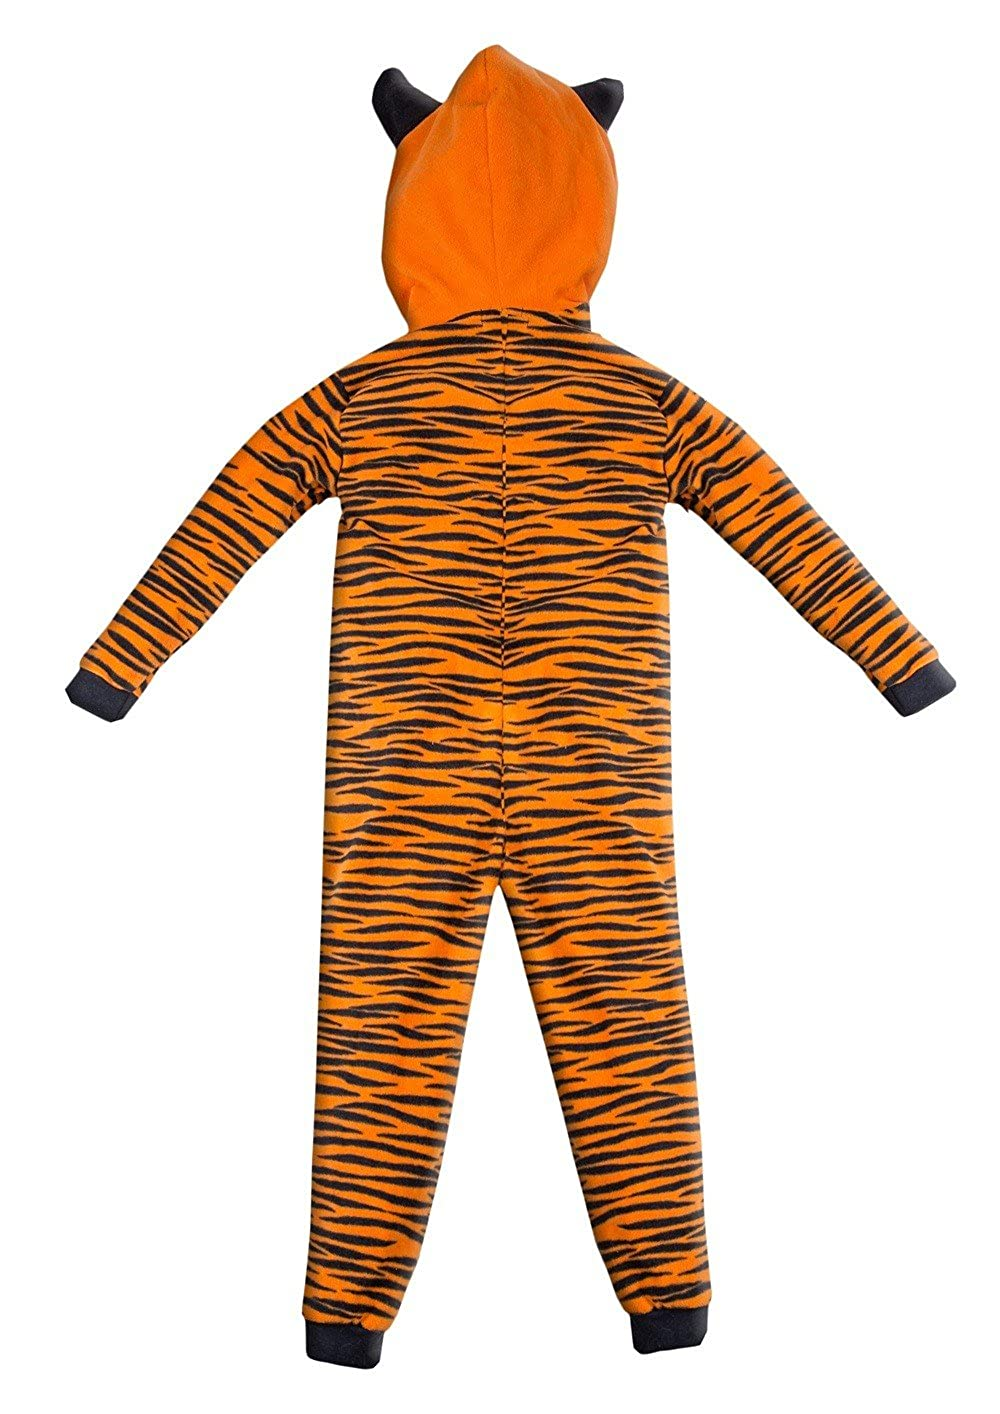 Primark - Pijama - para niña multicolor multicolor: Amazon.es: Ropa y accesorios